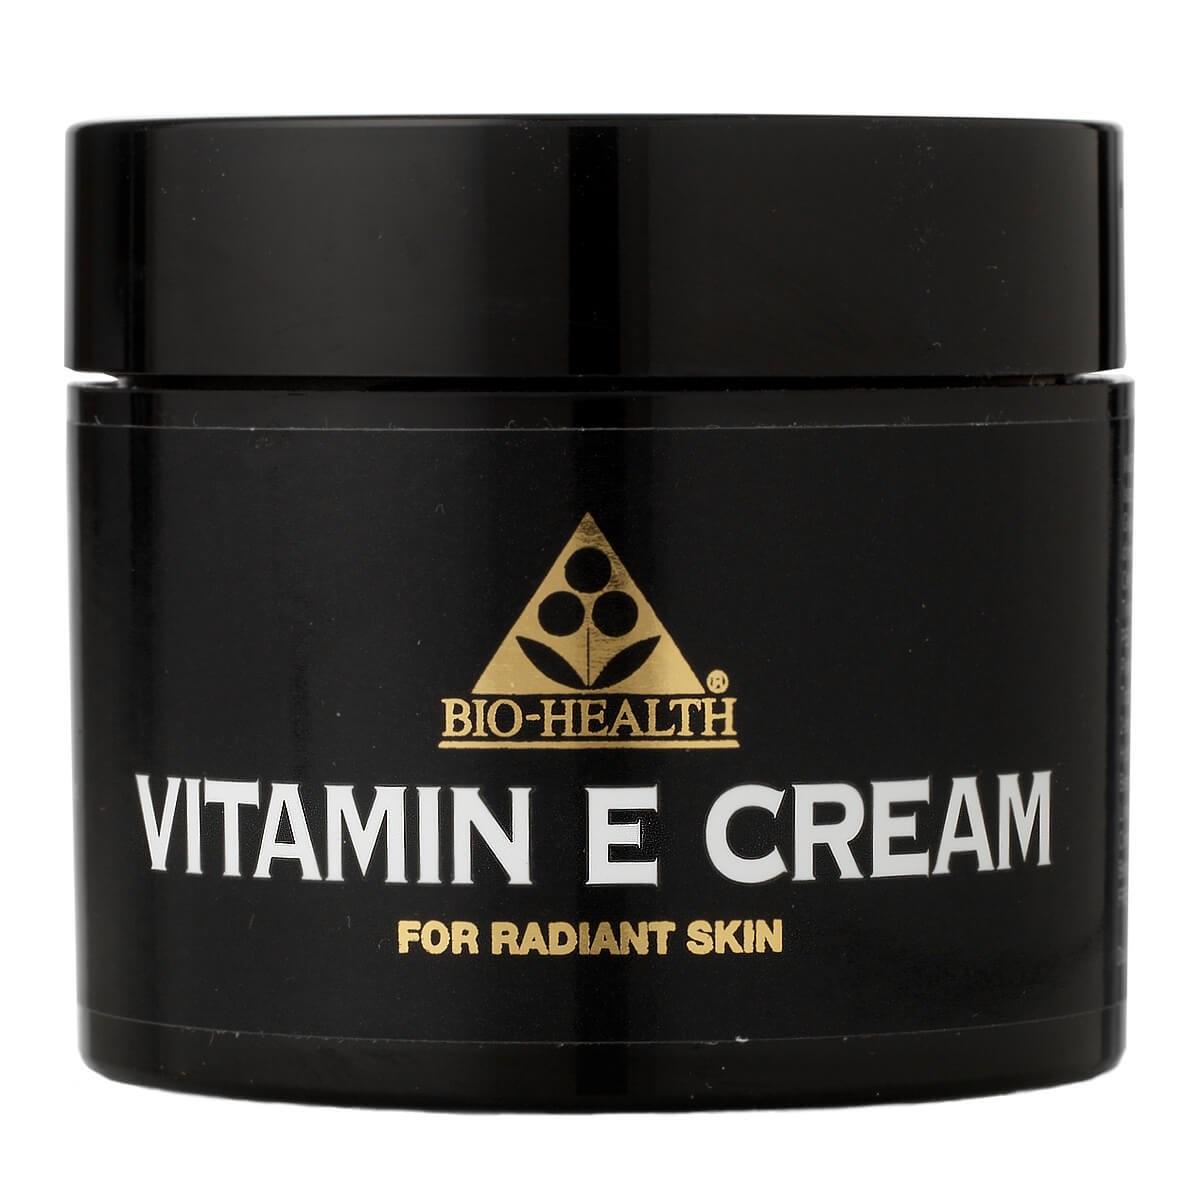 Bio-Health Vitamin E Cream